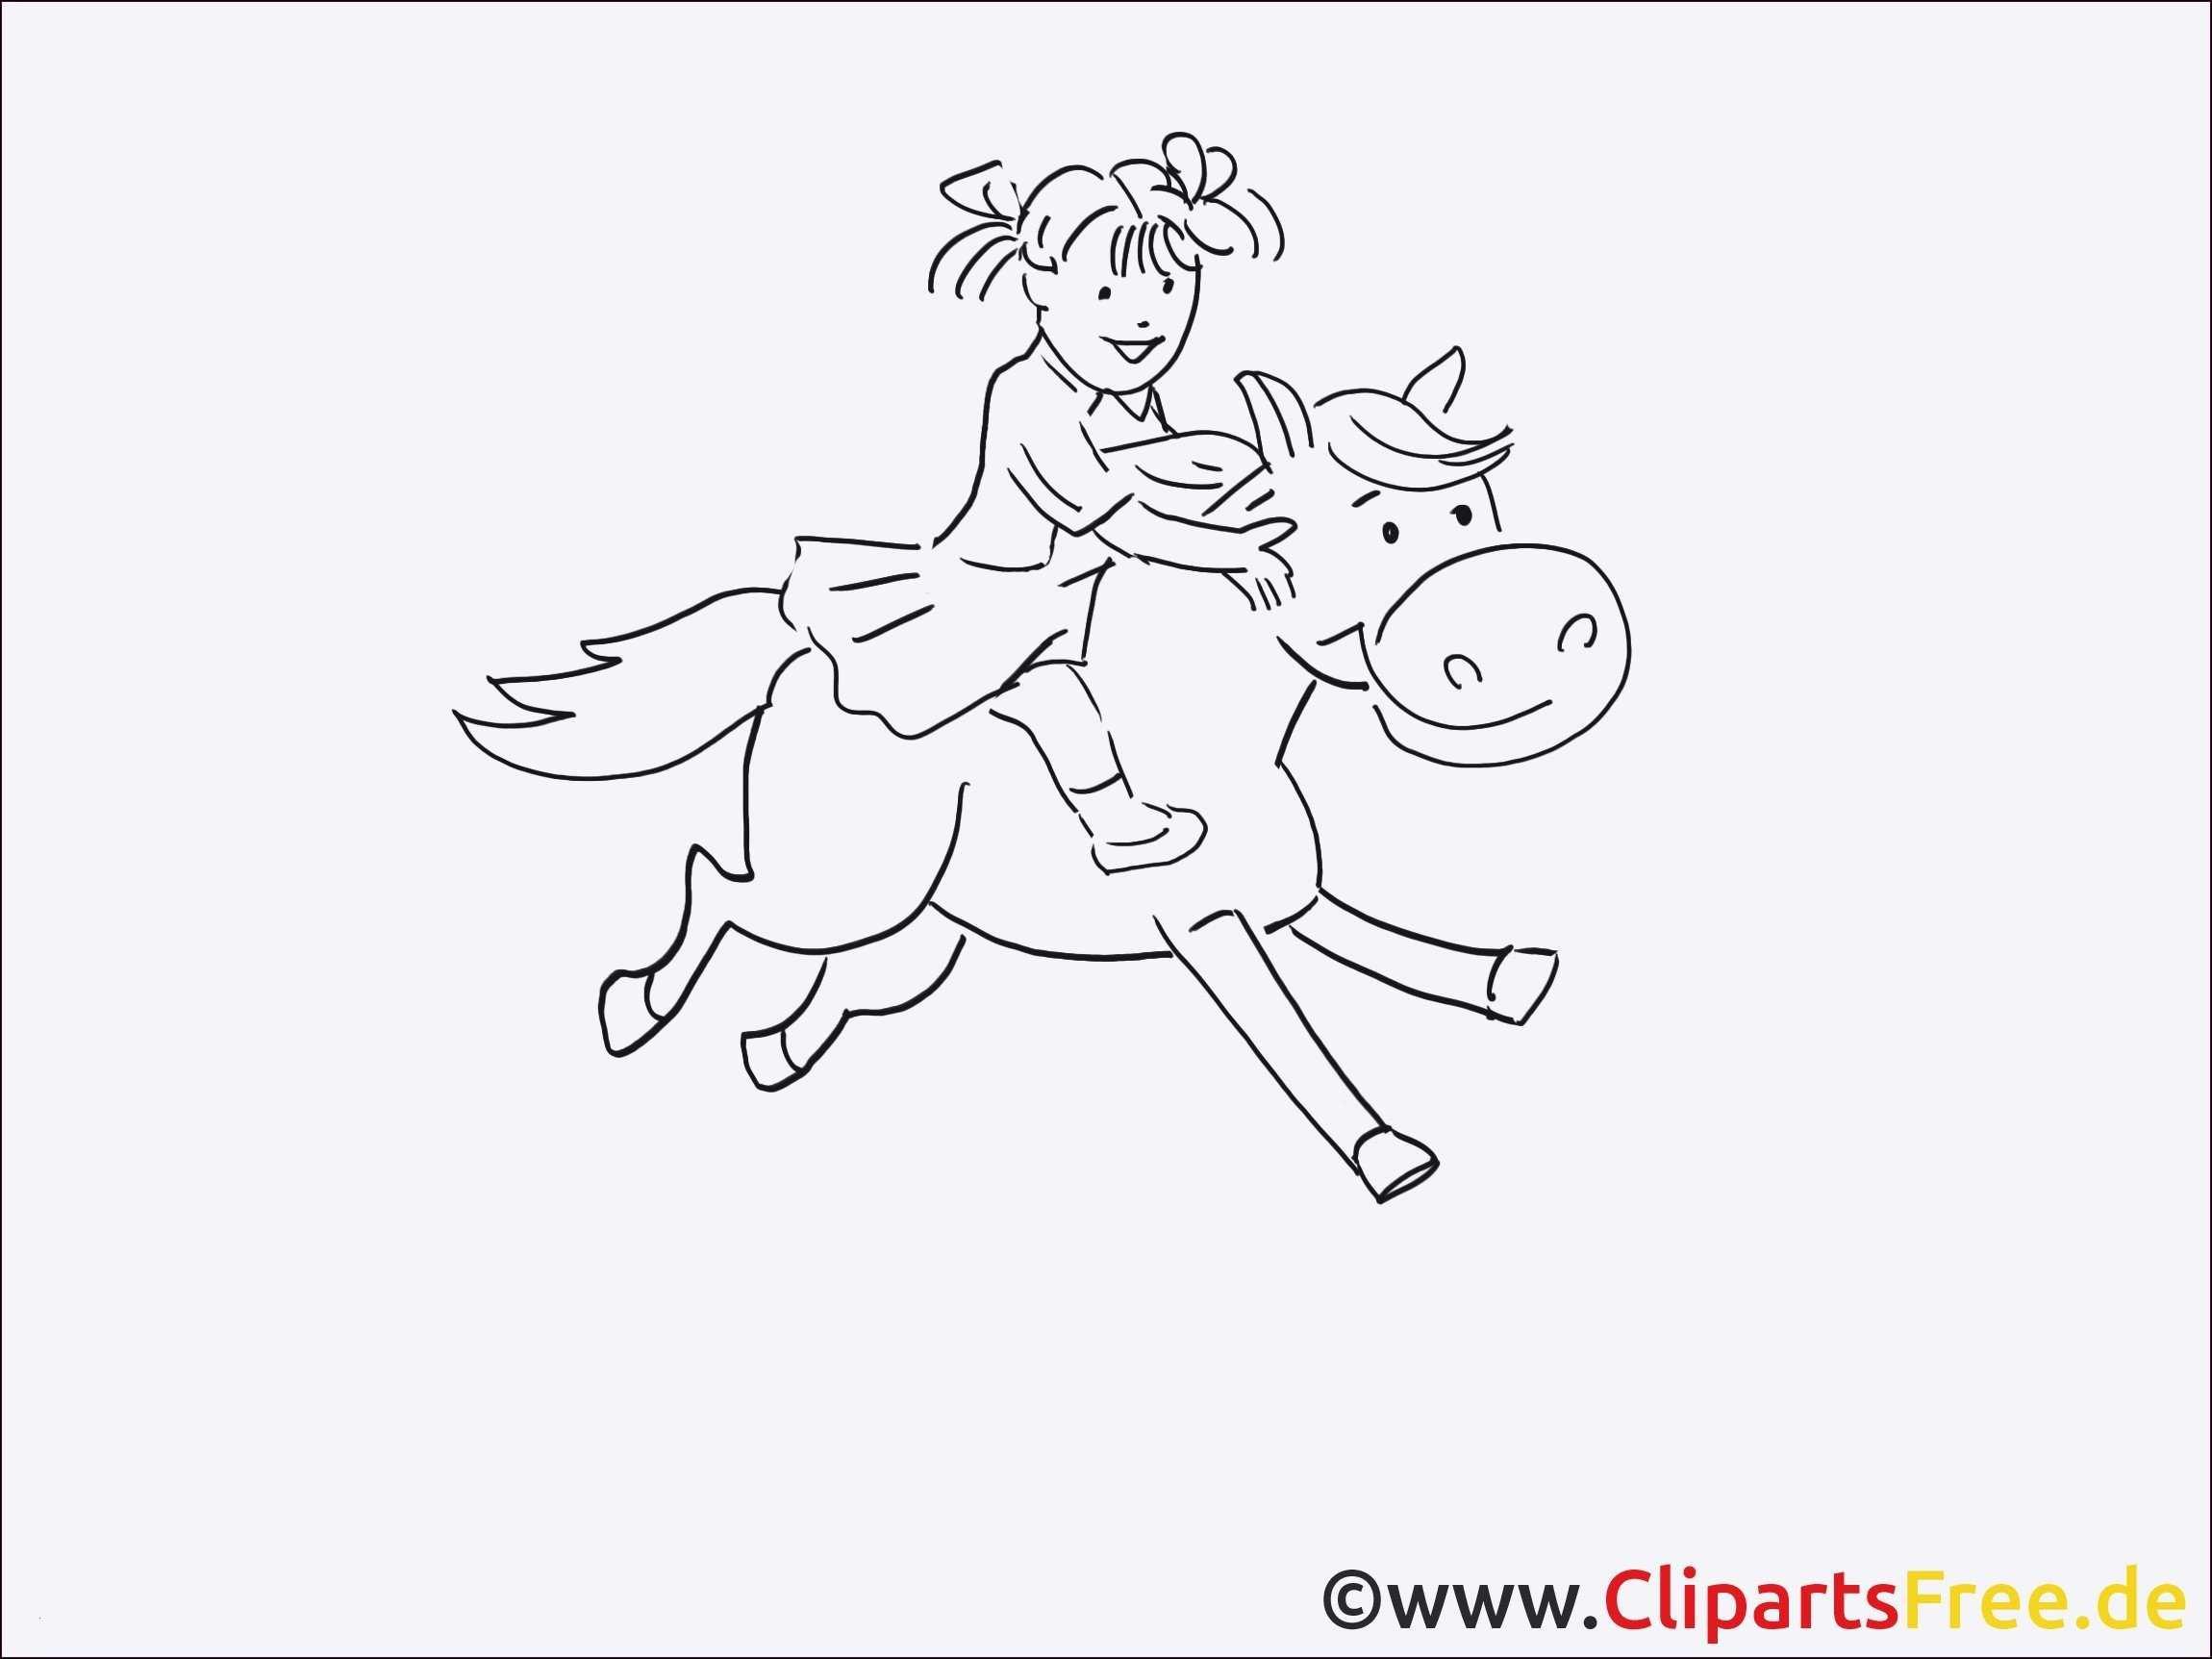 Ausmalbilder Filly Pferde Frisch Ausmalbilder Filly Meerjungfrau Idee Ausmalbilder Pferde Mit Madchen Sammlung